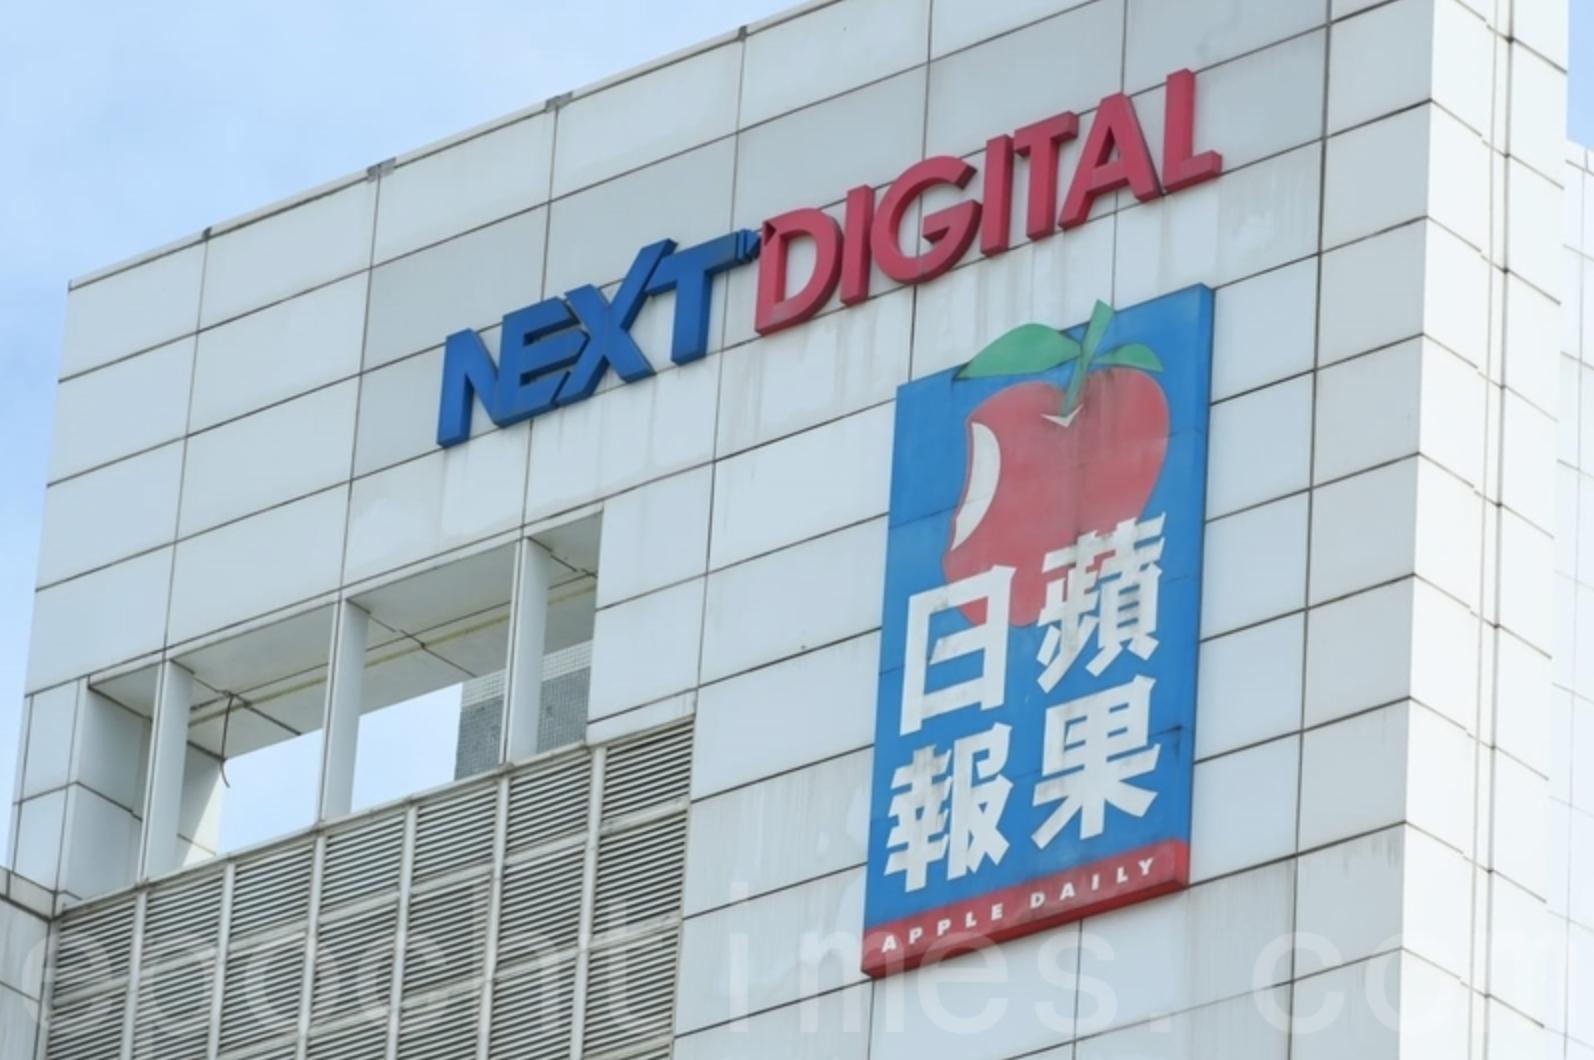 保安局5月14日宣佈壹傳媒創辦人黎智英被凍結資產,外界關注壹傳媒的運作及發薪會否受到影響。(宋碧龍/大紀元)